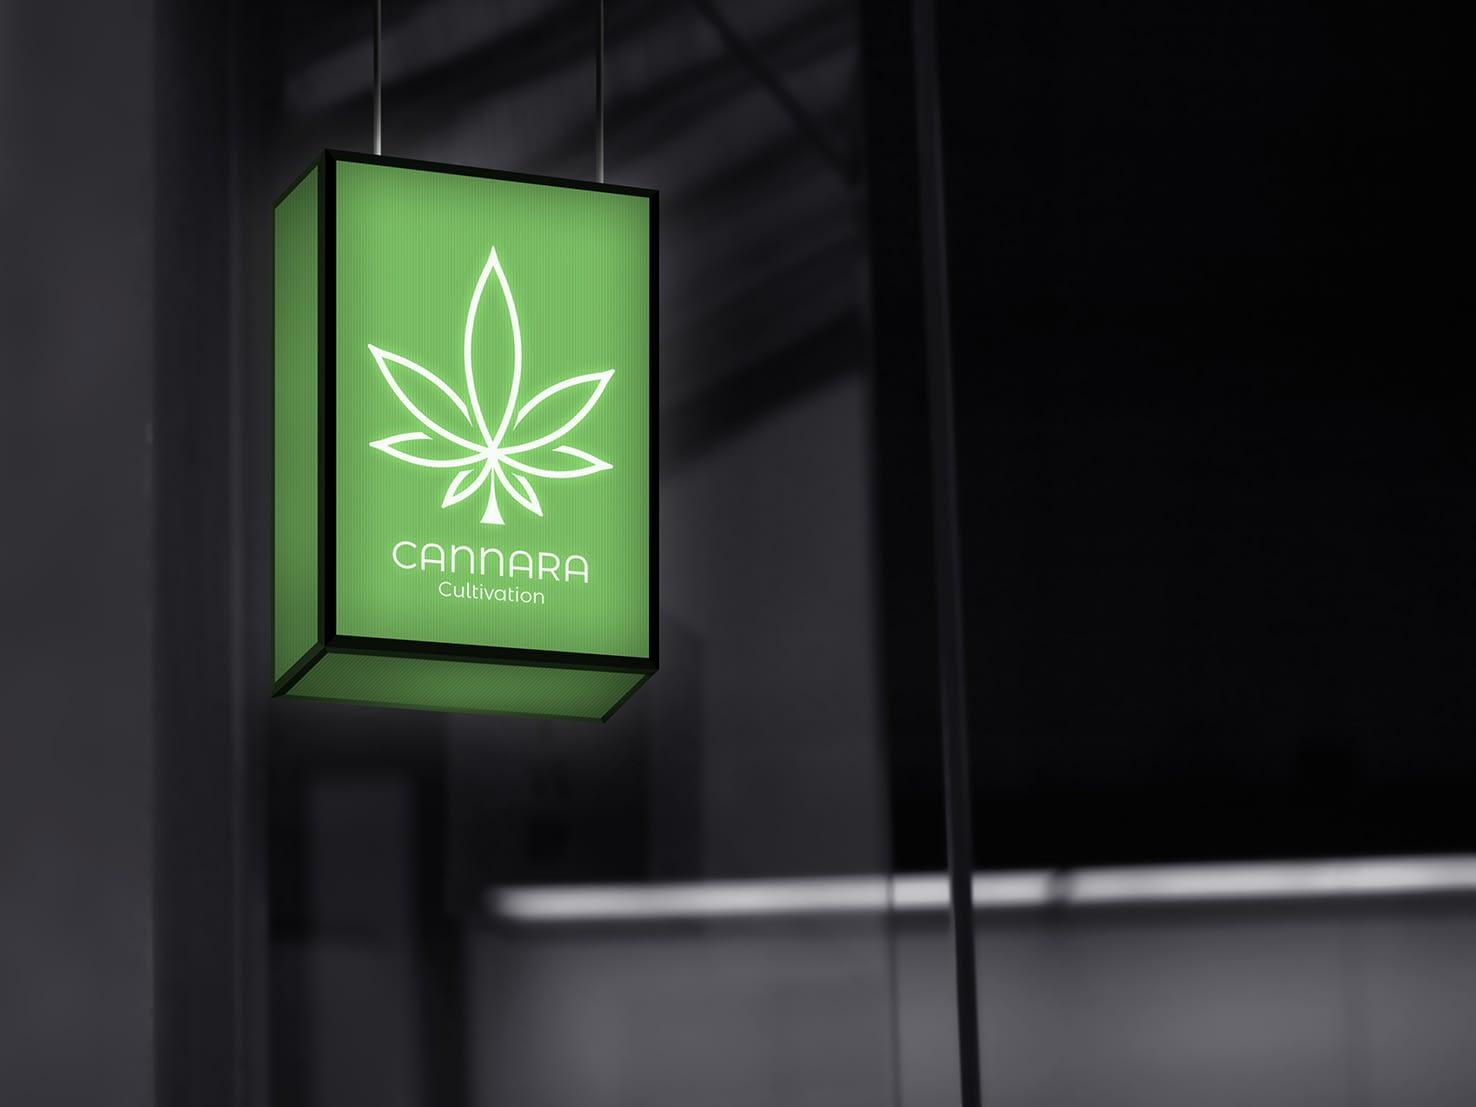 Nueva marca Cannara